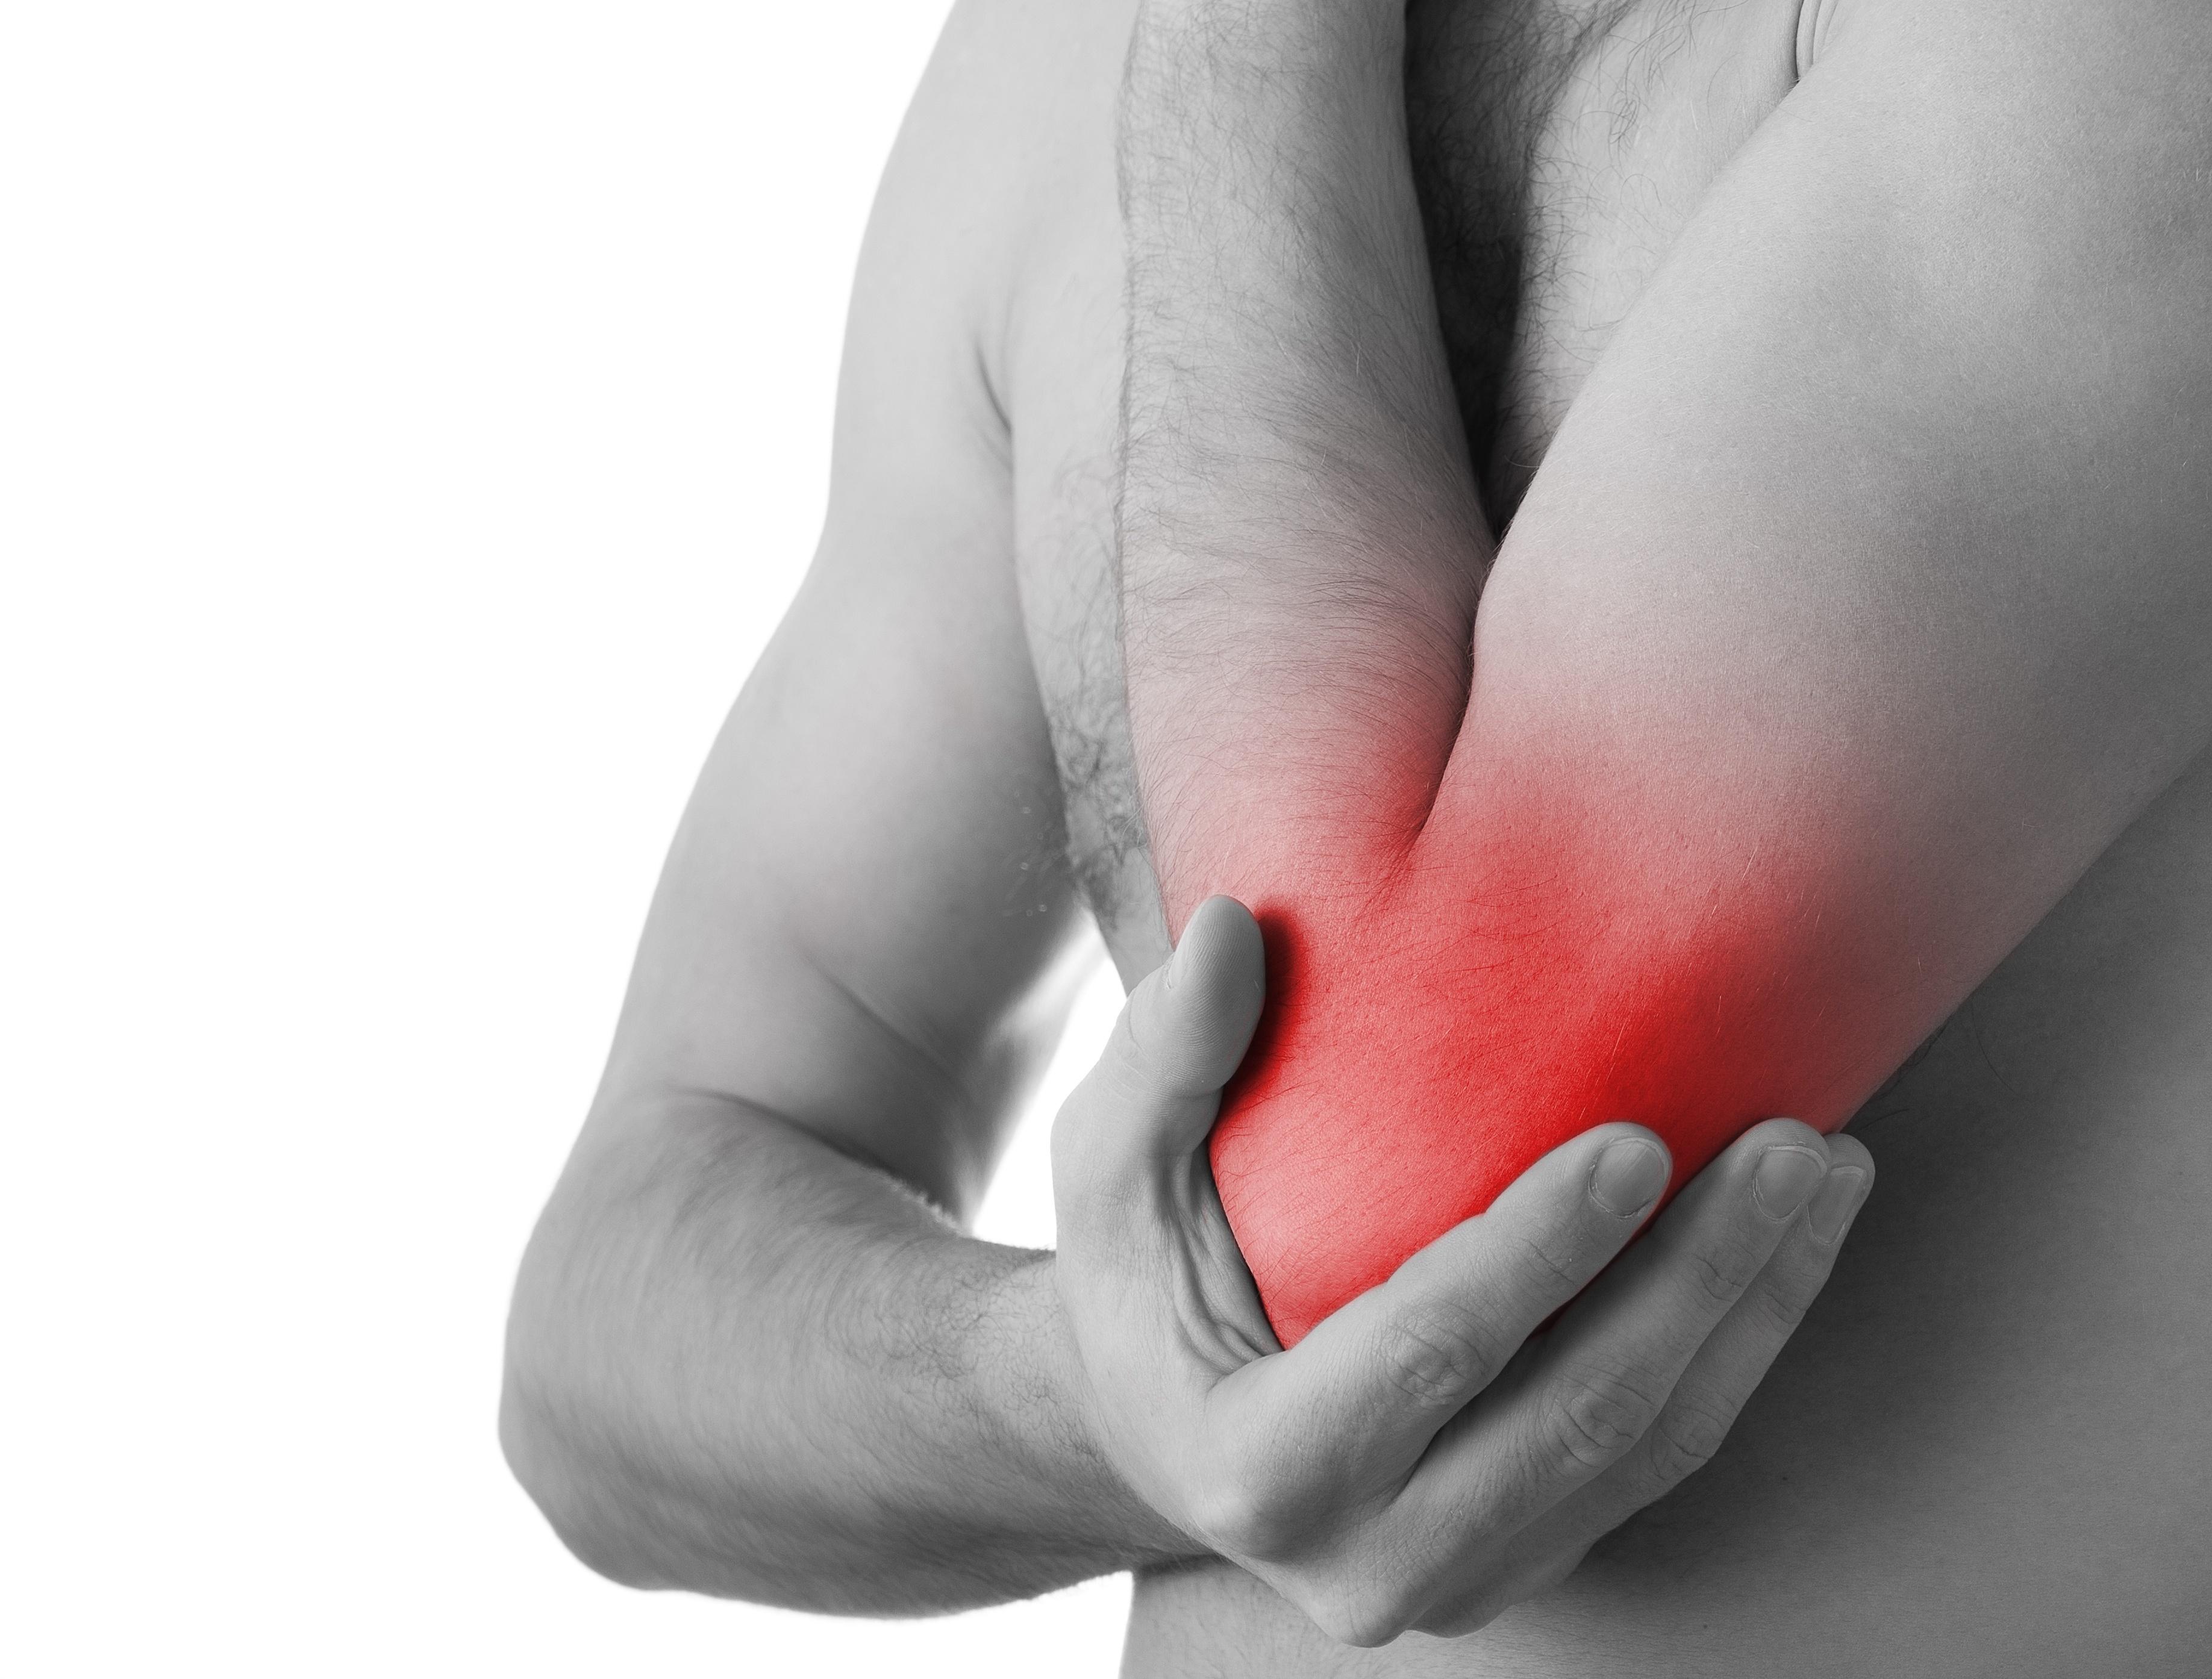 az ízületi fájdalmak legfontosabb gyógyszerei